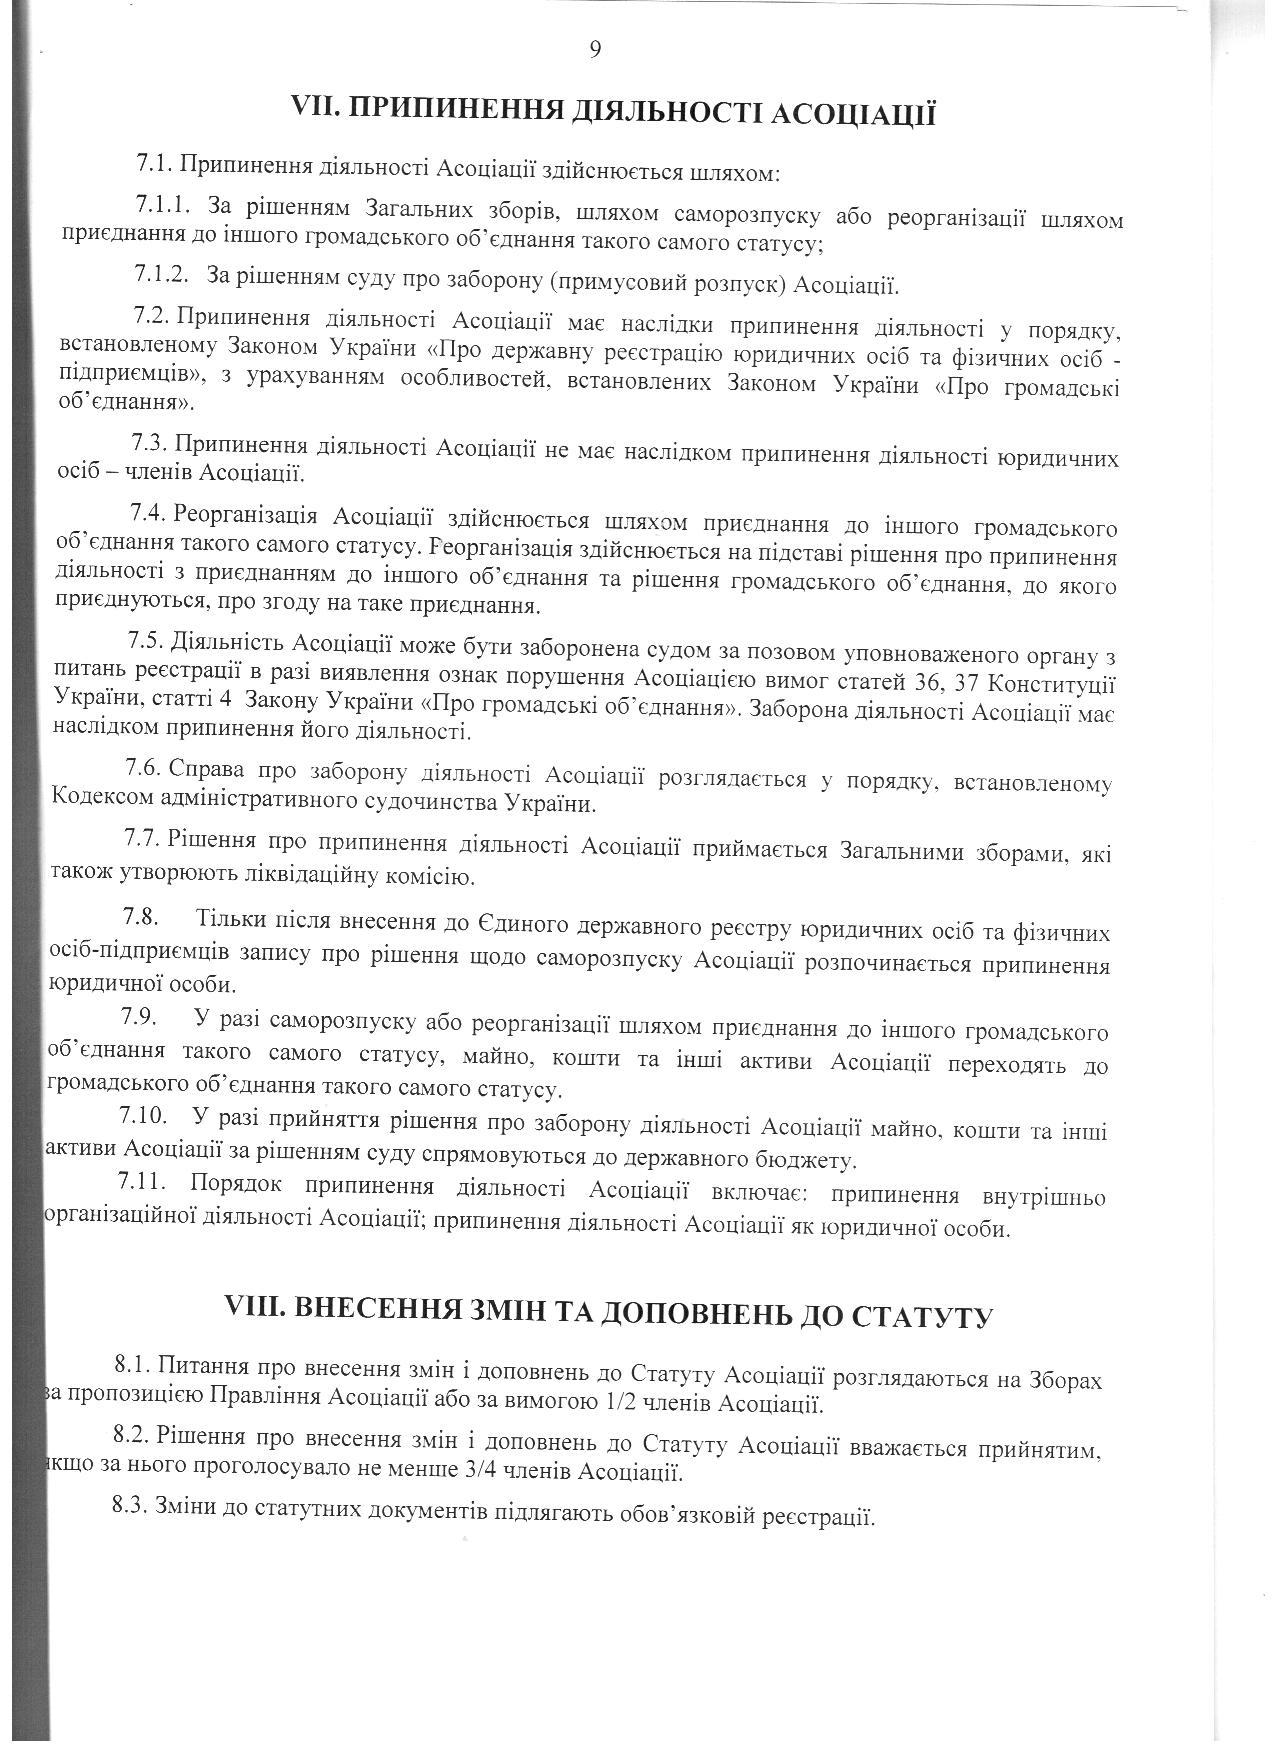 Статут Гром. сп_лки Асоц_ац_я управител_в житла 009